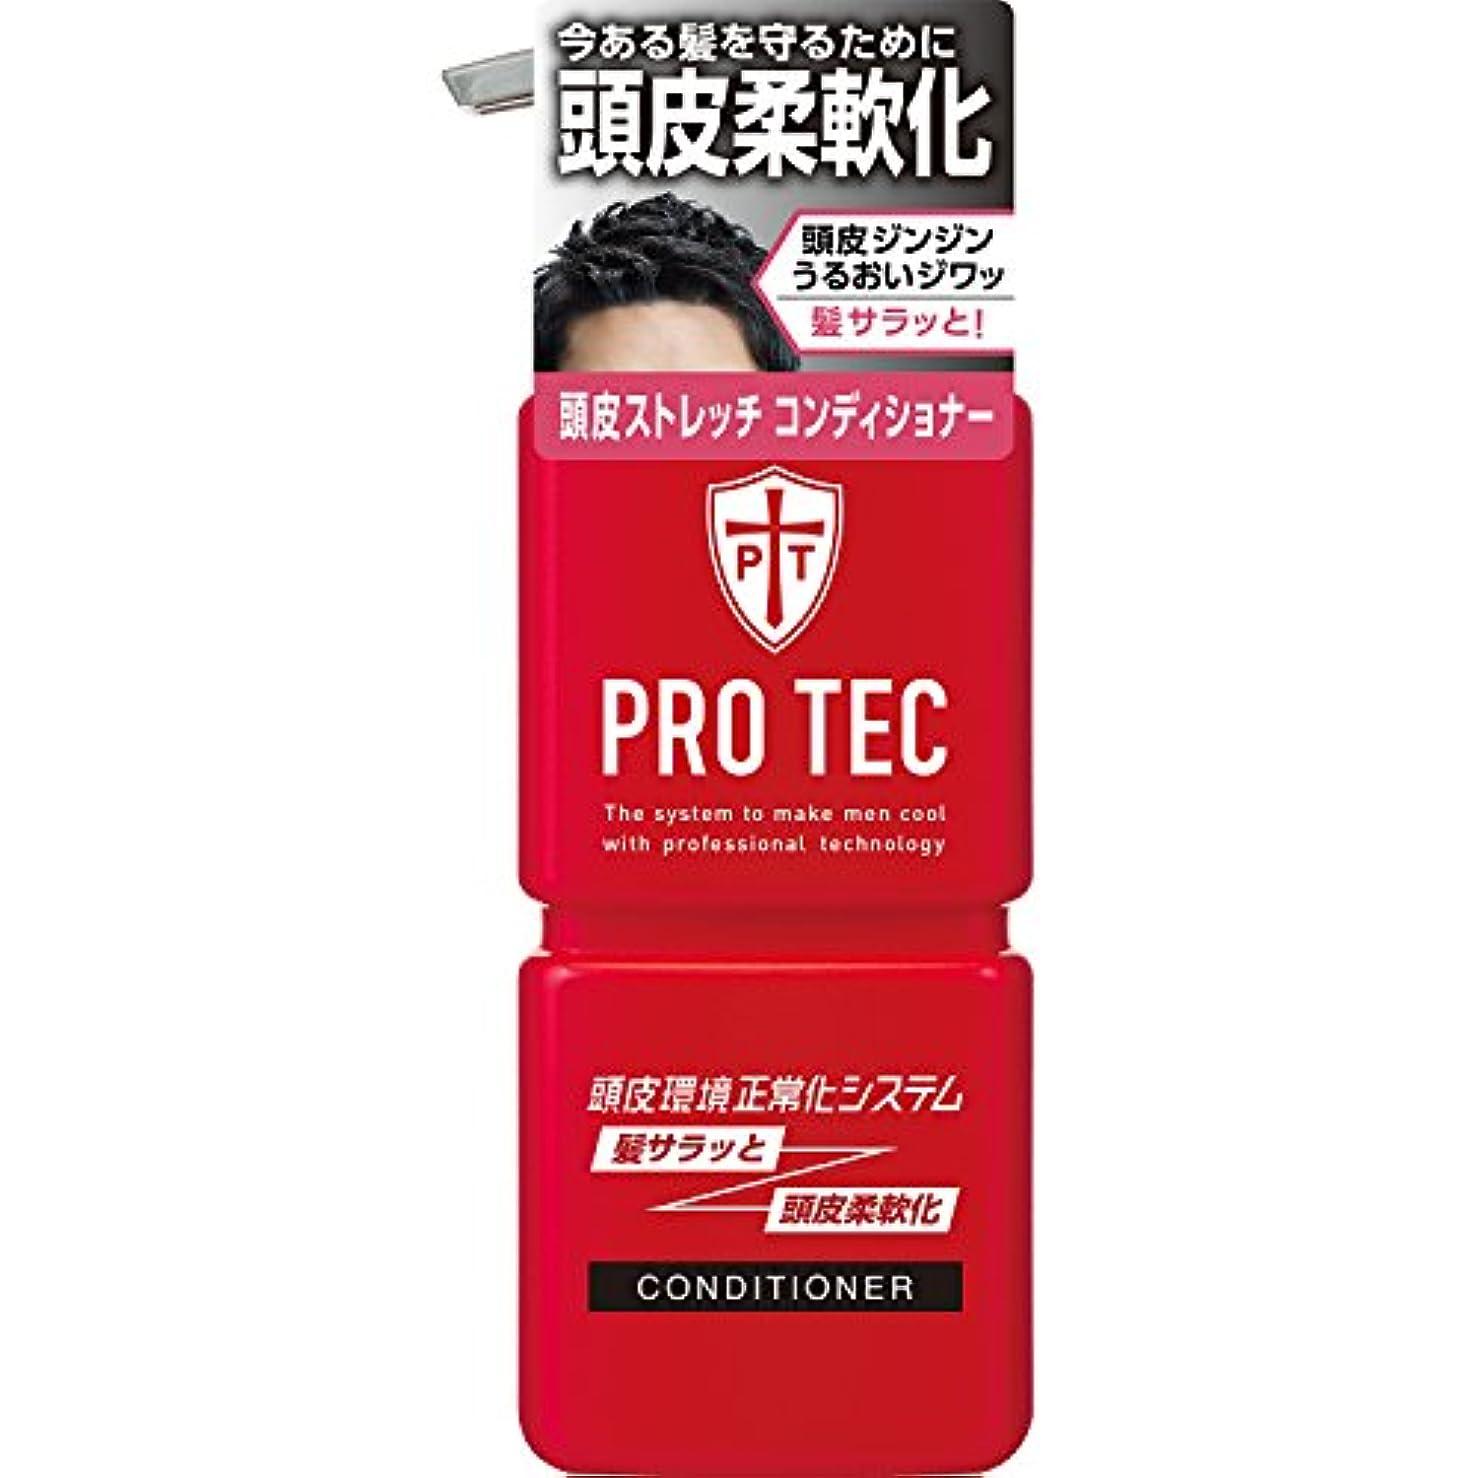 白雪姫アンプカメラPRO TEC(プロテク) 頭皮ストレッチ コンディショナー 本体ポンプ 300g